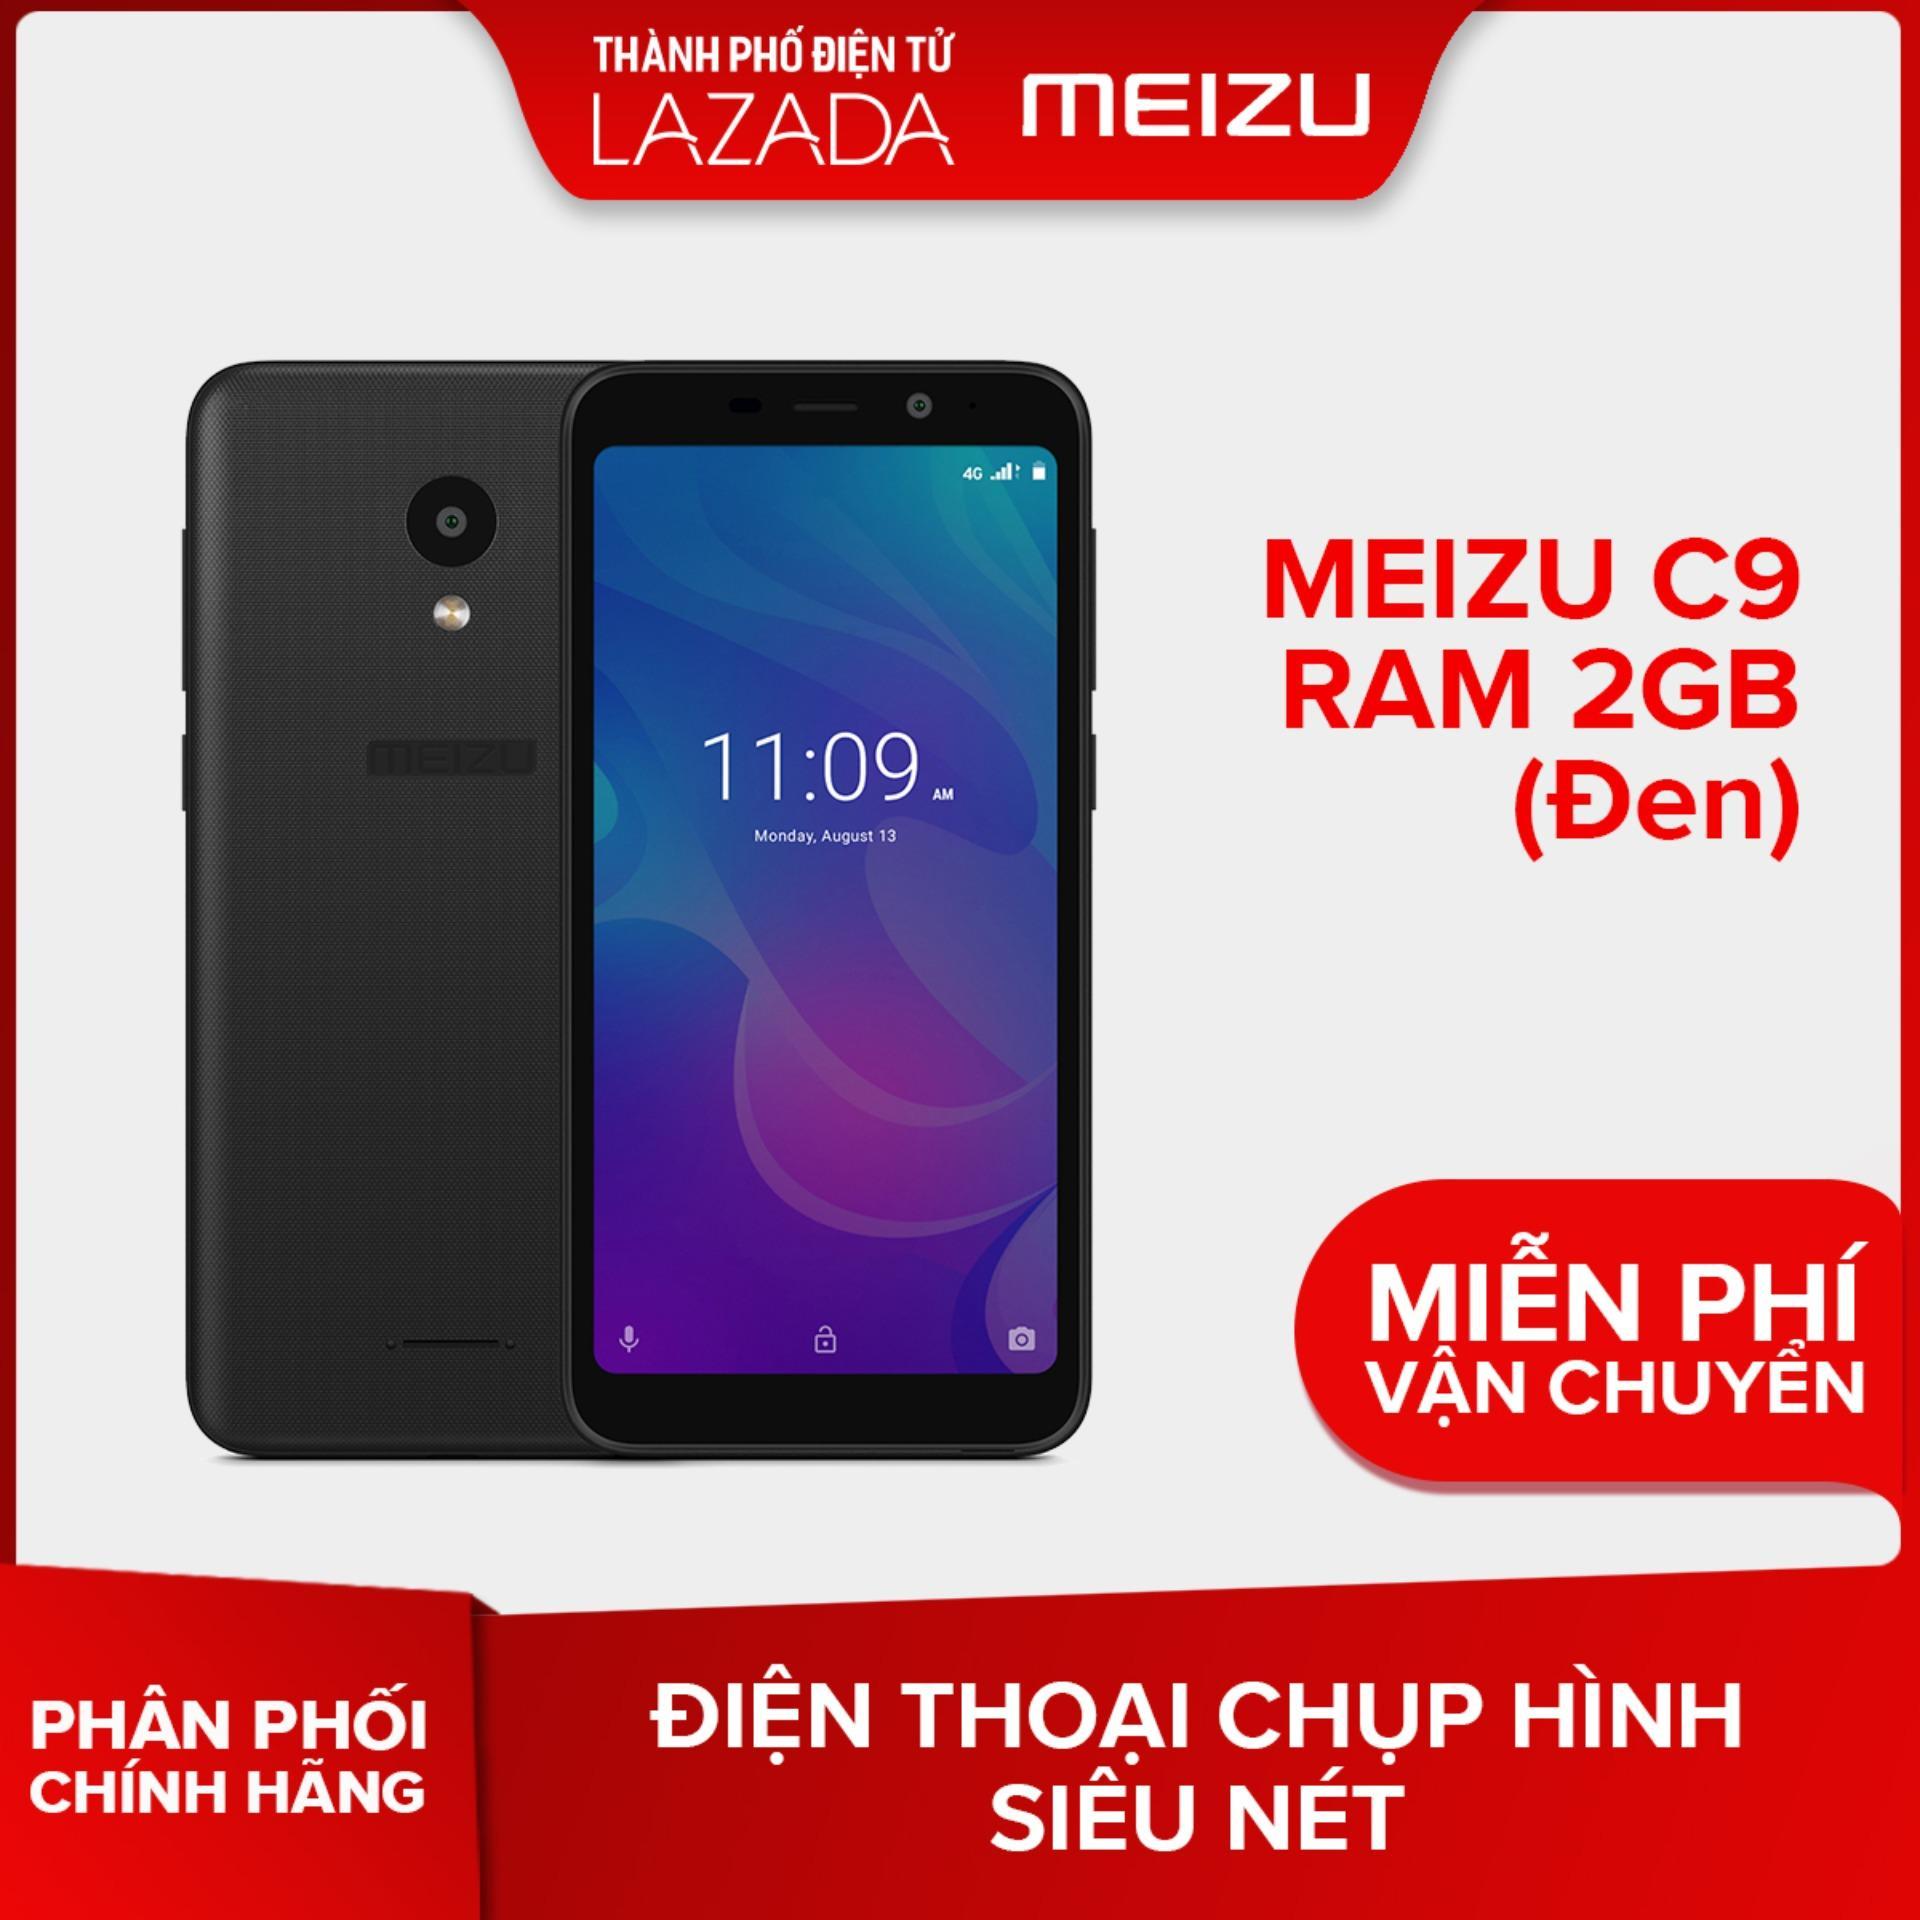 Meizu C9 Ram 2GB (Đen/Xanh) - Hãng phân phối chính thức